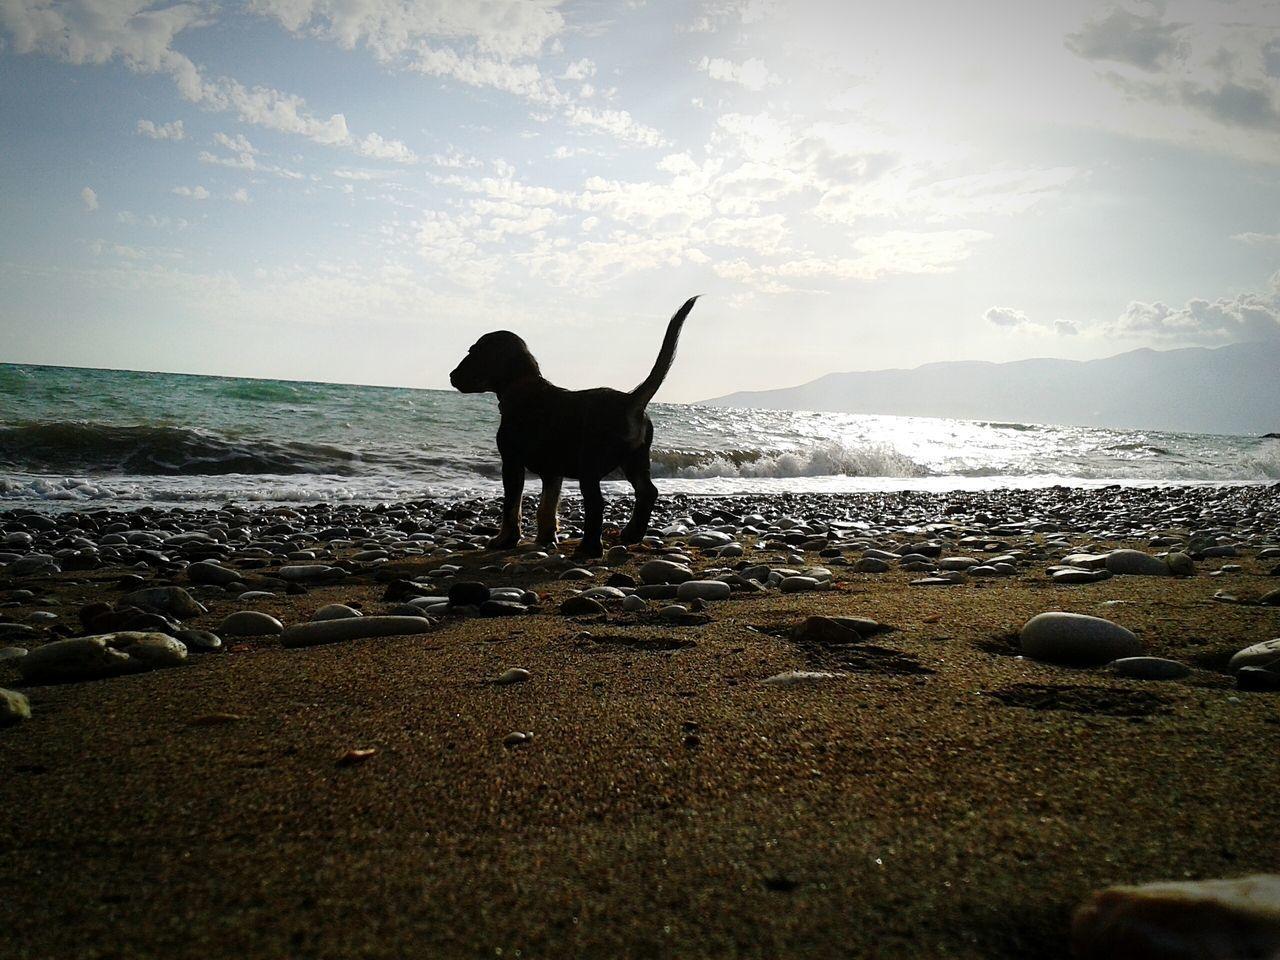 Bu barınaktan aldığımız oğlumuz Gölge. Bağışıklık sistemi çok zayıf olduğu için birkaç kere ölüm tehlikesi yaşadı. Önce ağır ateşli hastalıklar geçirdi ve iğne oldu iğne olduğu yer apse yaptı ve veterinerin apseyi indirmesi için yaşına çok büyük verdiği antibiyotikten dolayı krizler geçirdi. Şimdi 7 aylık oldukça oyuncu ve sağlıklı. 🐶🐾 Beach Sky Sea Outdoors Mammal No People Pets Dog Animal Themes Sand Turkey Eyeempetslover Köpek Deniz Animals Sağlık HERO Good Pet Photography  Hayvanlar Barınak